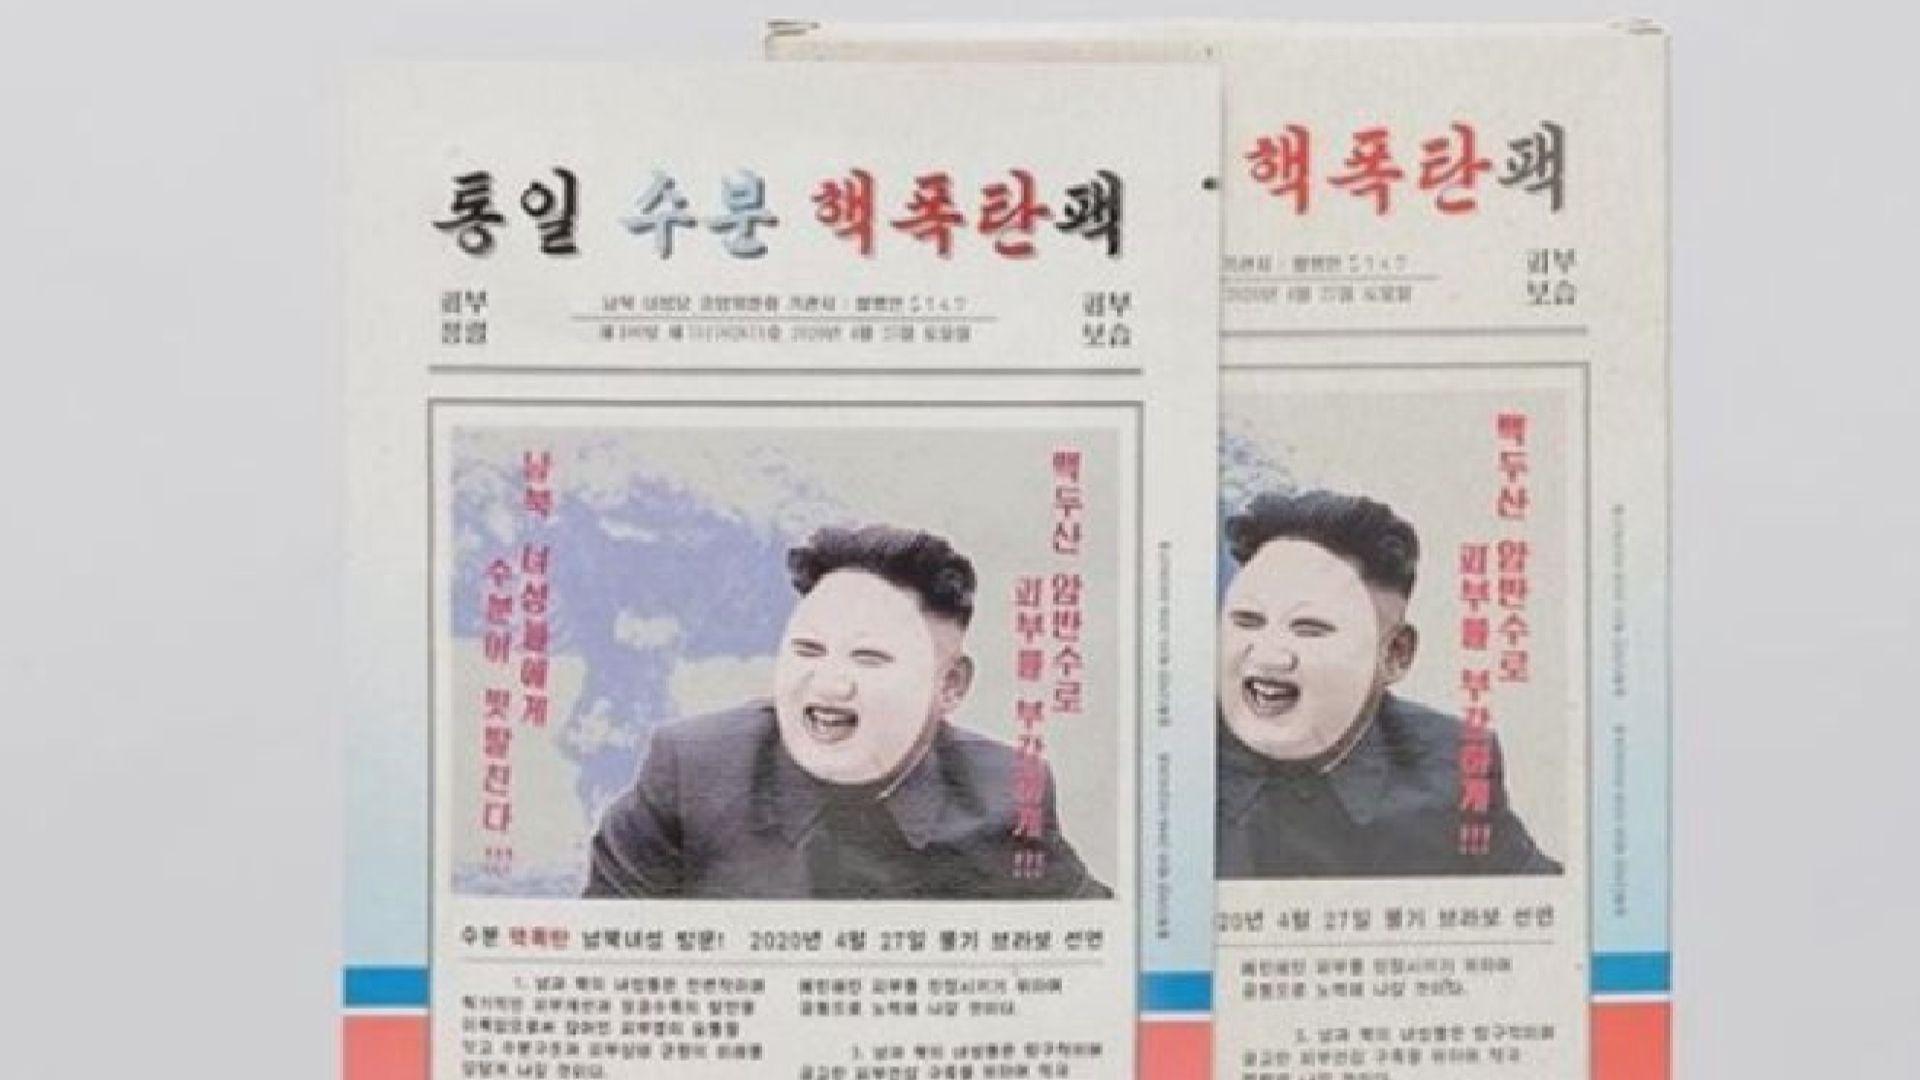 【環球薈報】南韓公司以金正恩作面膜廣告引爭議